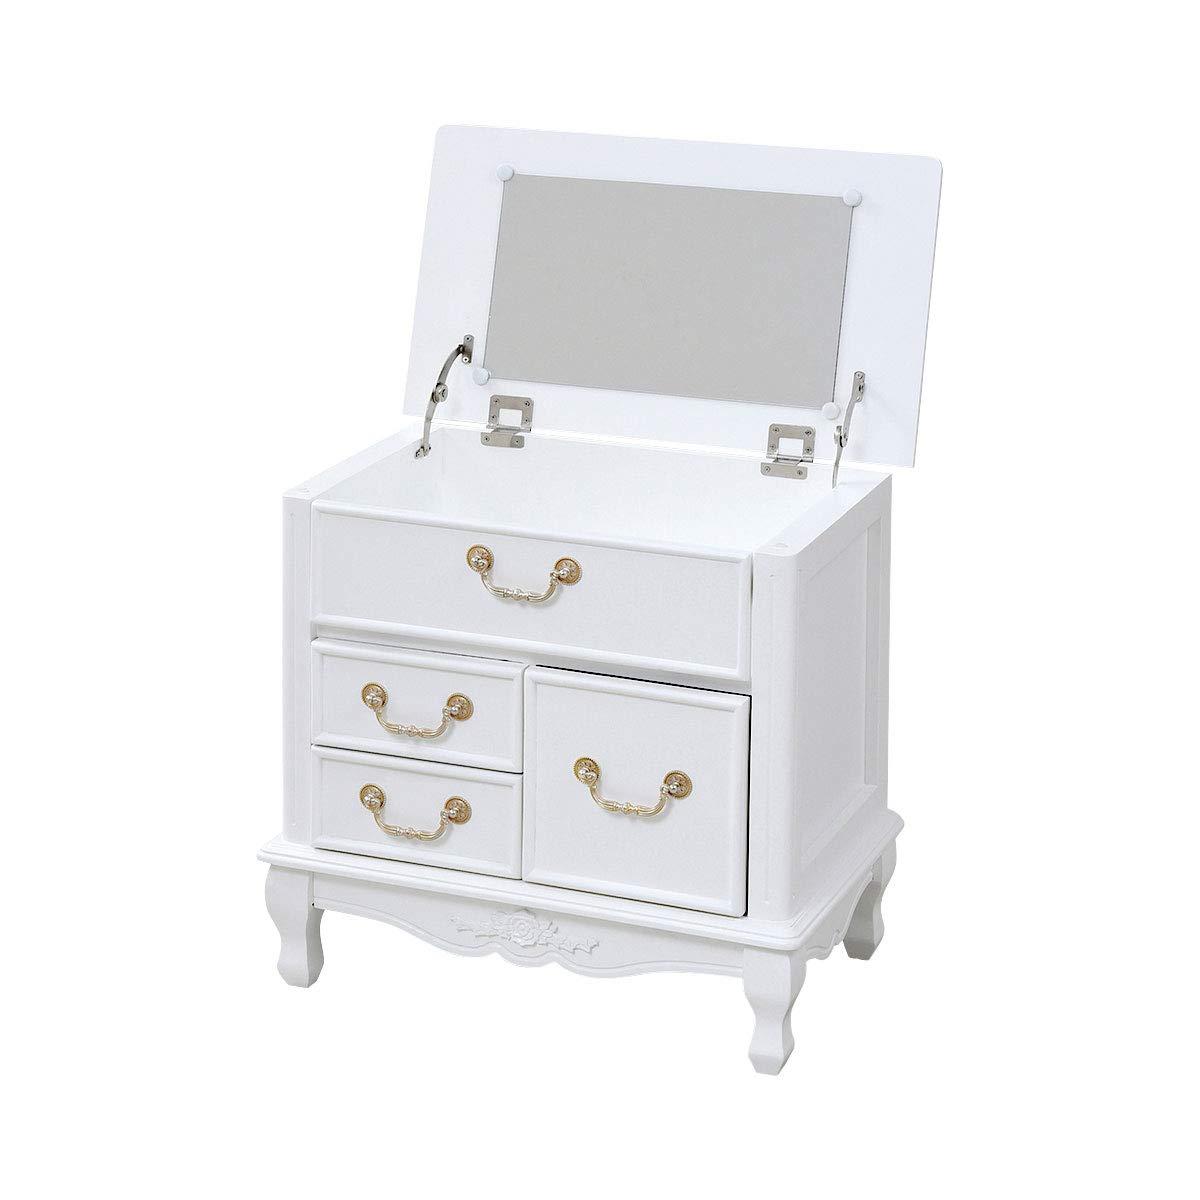 ぼん家具 可愛い ミニ ドレッサー 幅60 高さ58 猫脚 デザイン 完成品 (脚のみ組立) 木製 アンティーク調 B07T48R7K1 ホワイト